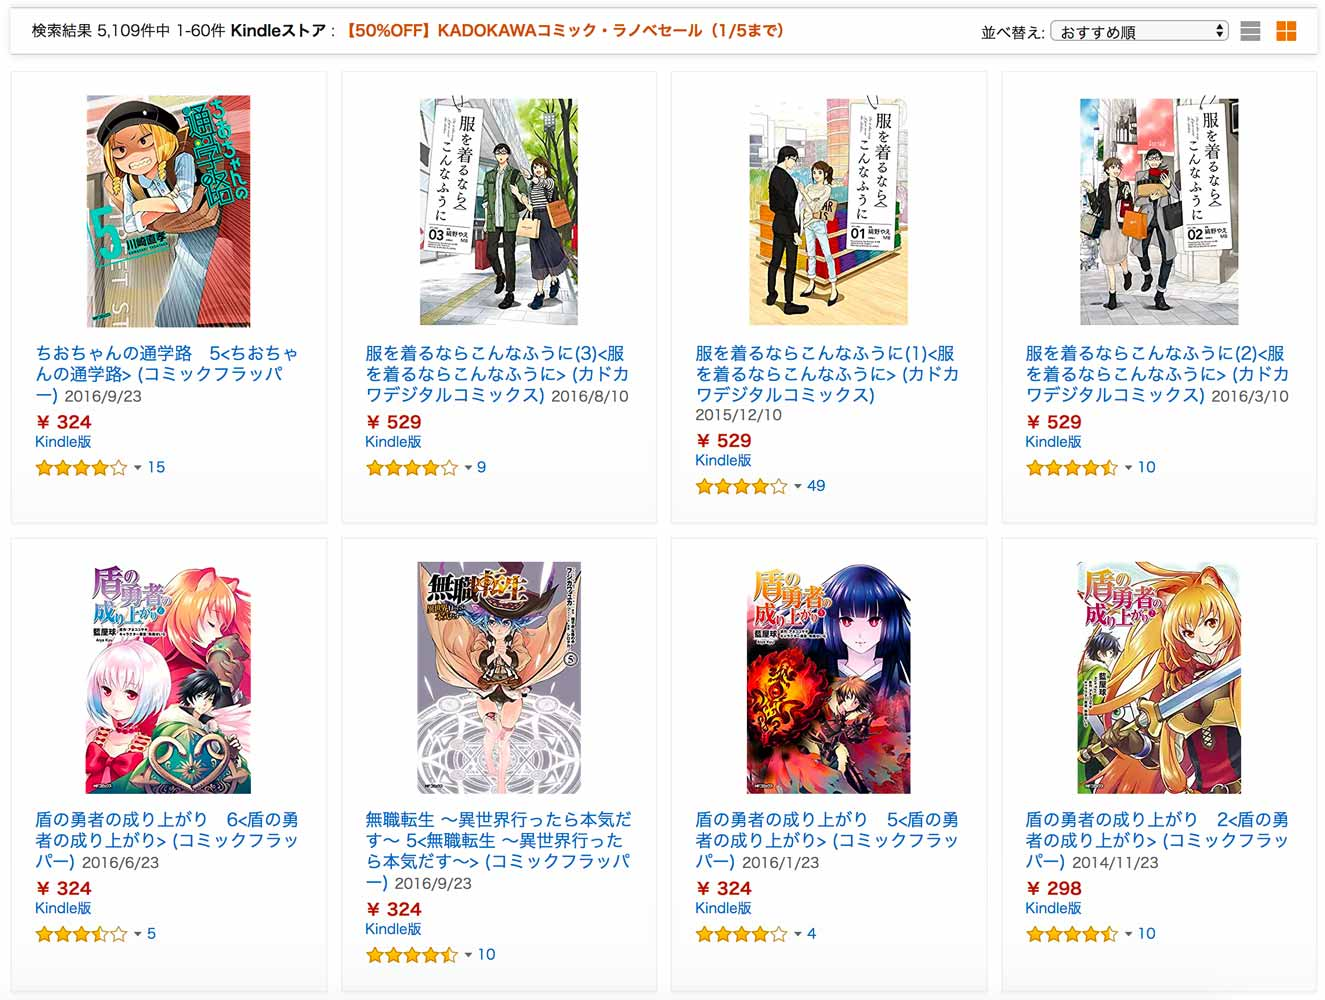 【50%OFF】Kindleストア、5,000冊以上が対象の「KADOKAWAコミック・ラノベセール」実施中(1/5まで)